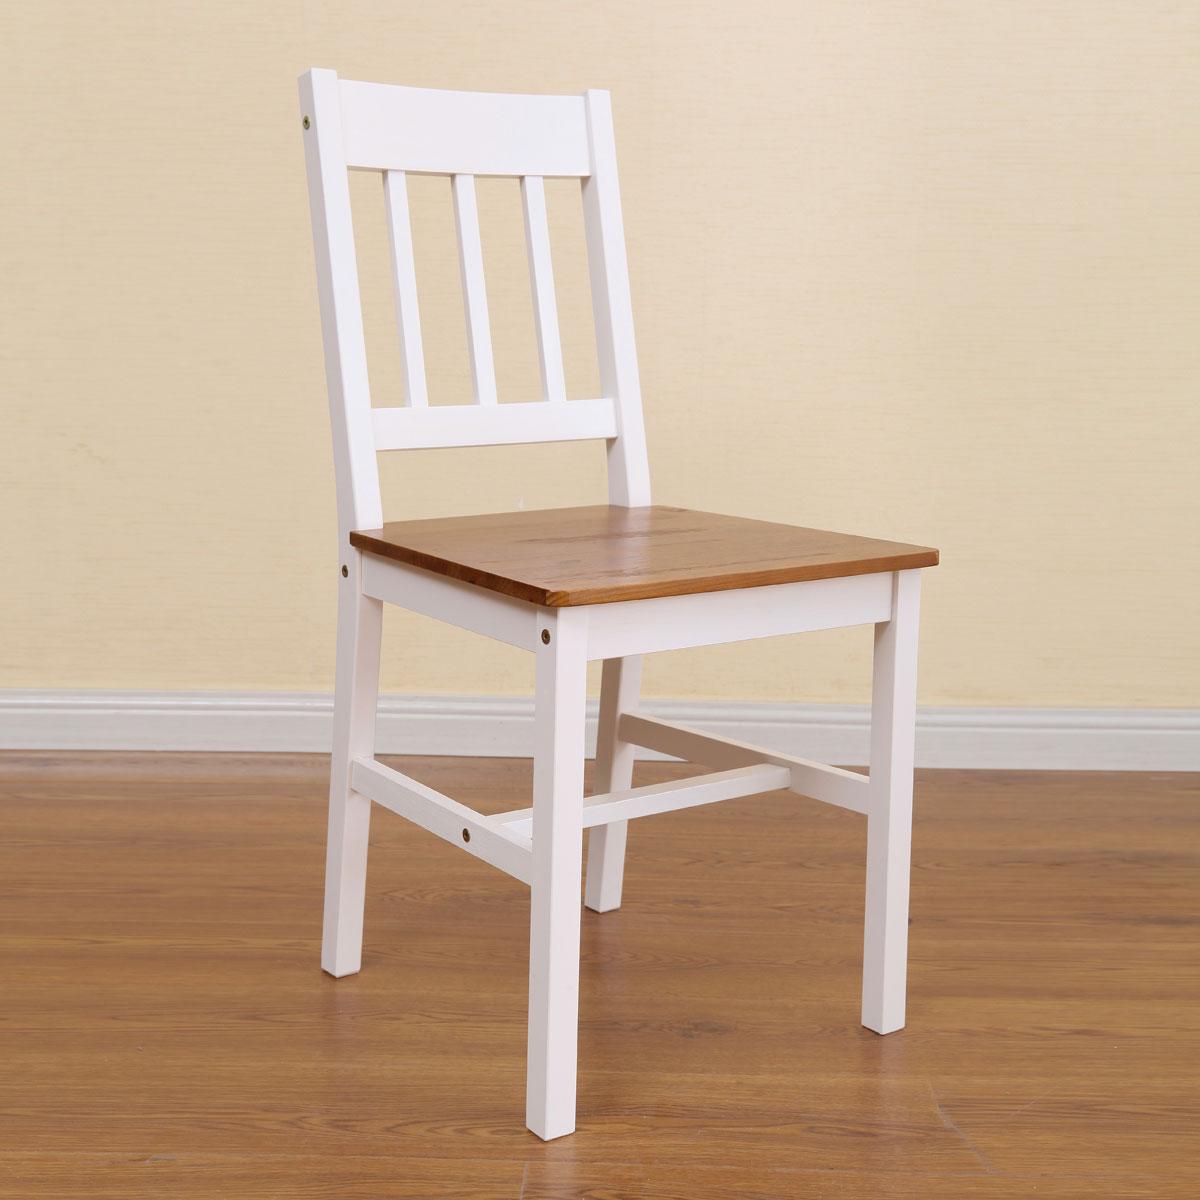 שולחן פינת אוכל עם 4 כיסאות מעץ מלא בעיצוב אלגנטי - תמונה 6